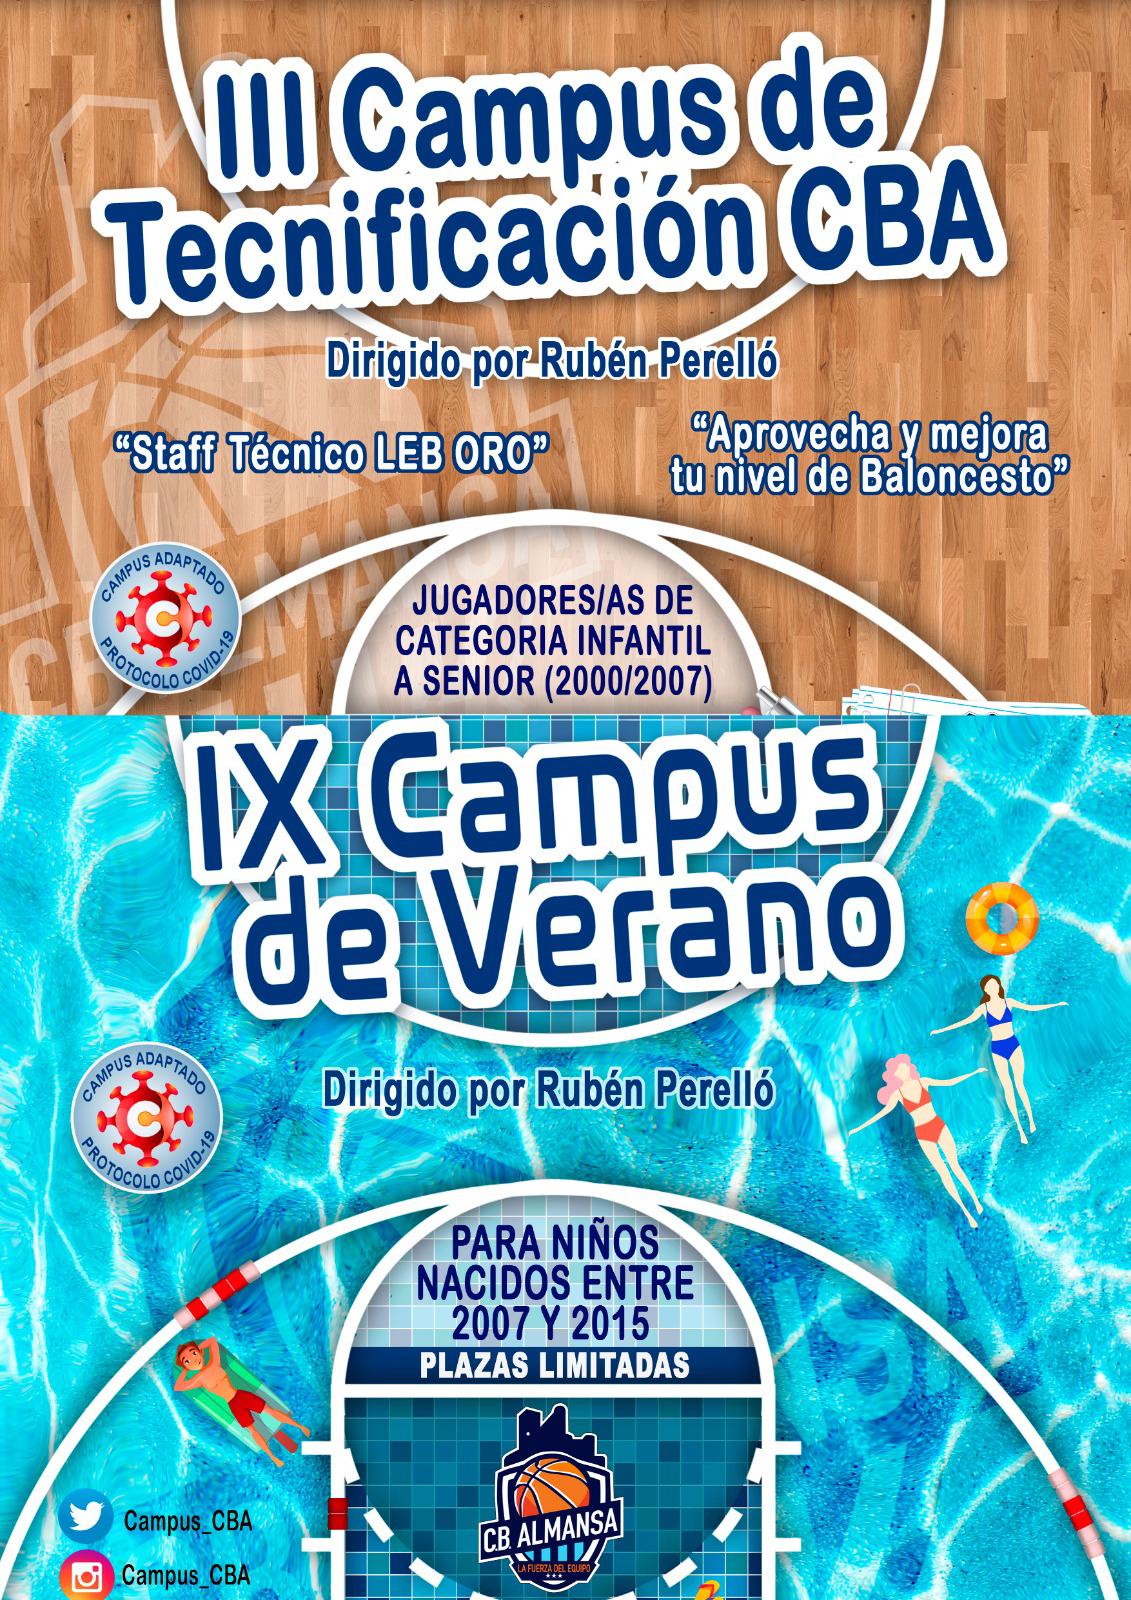 Campus de verano y tecnificación CB Almansa